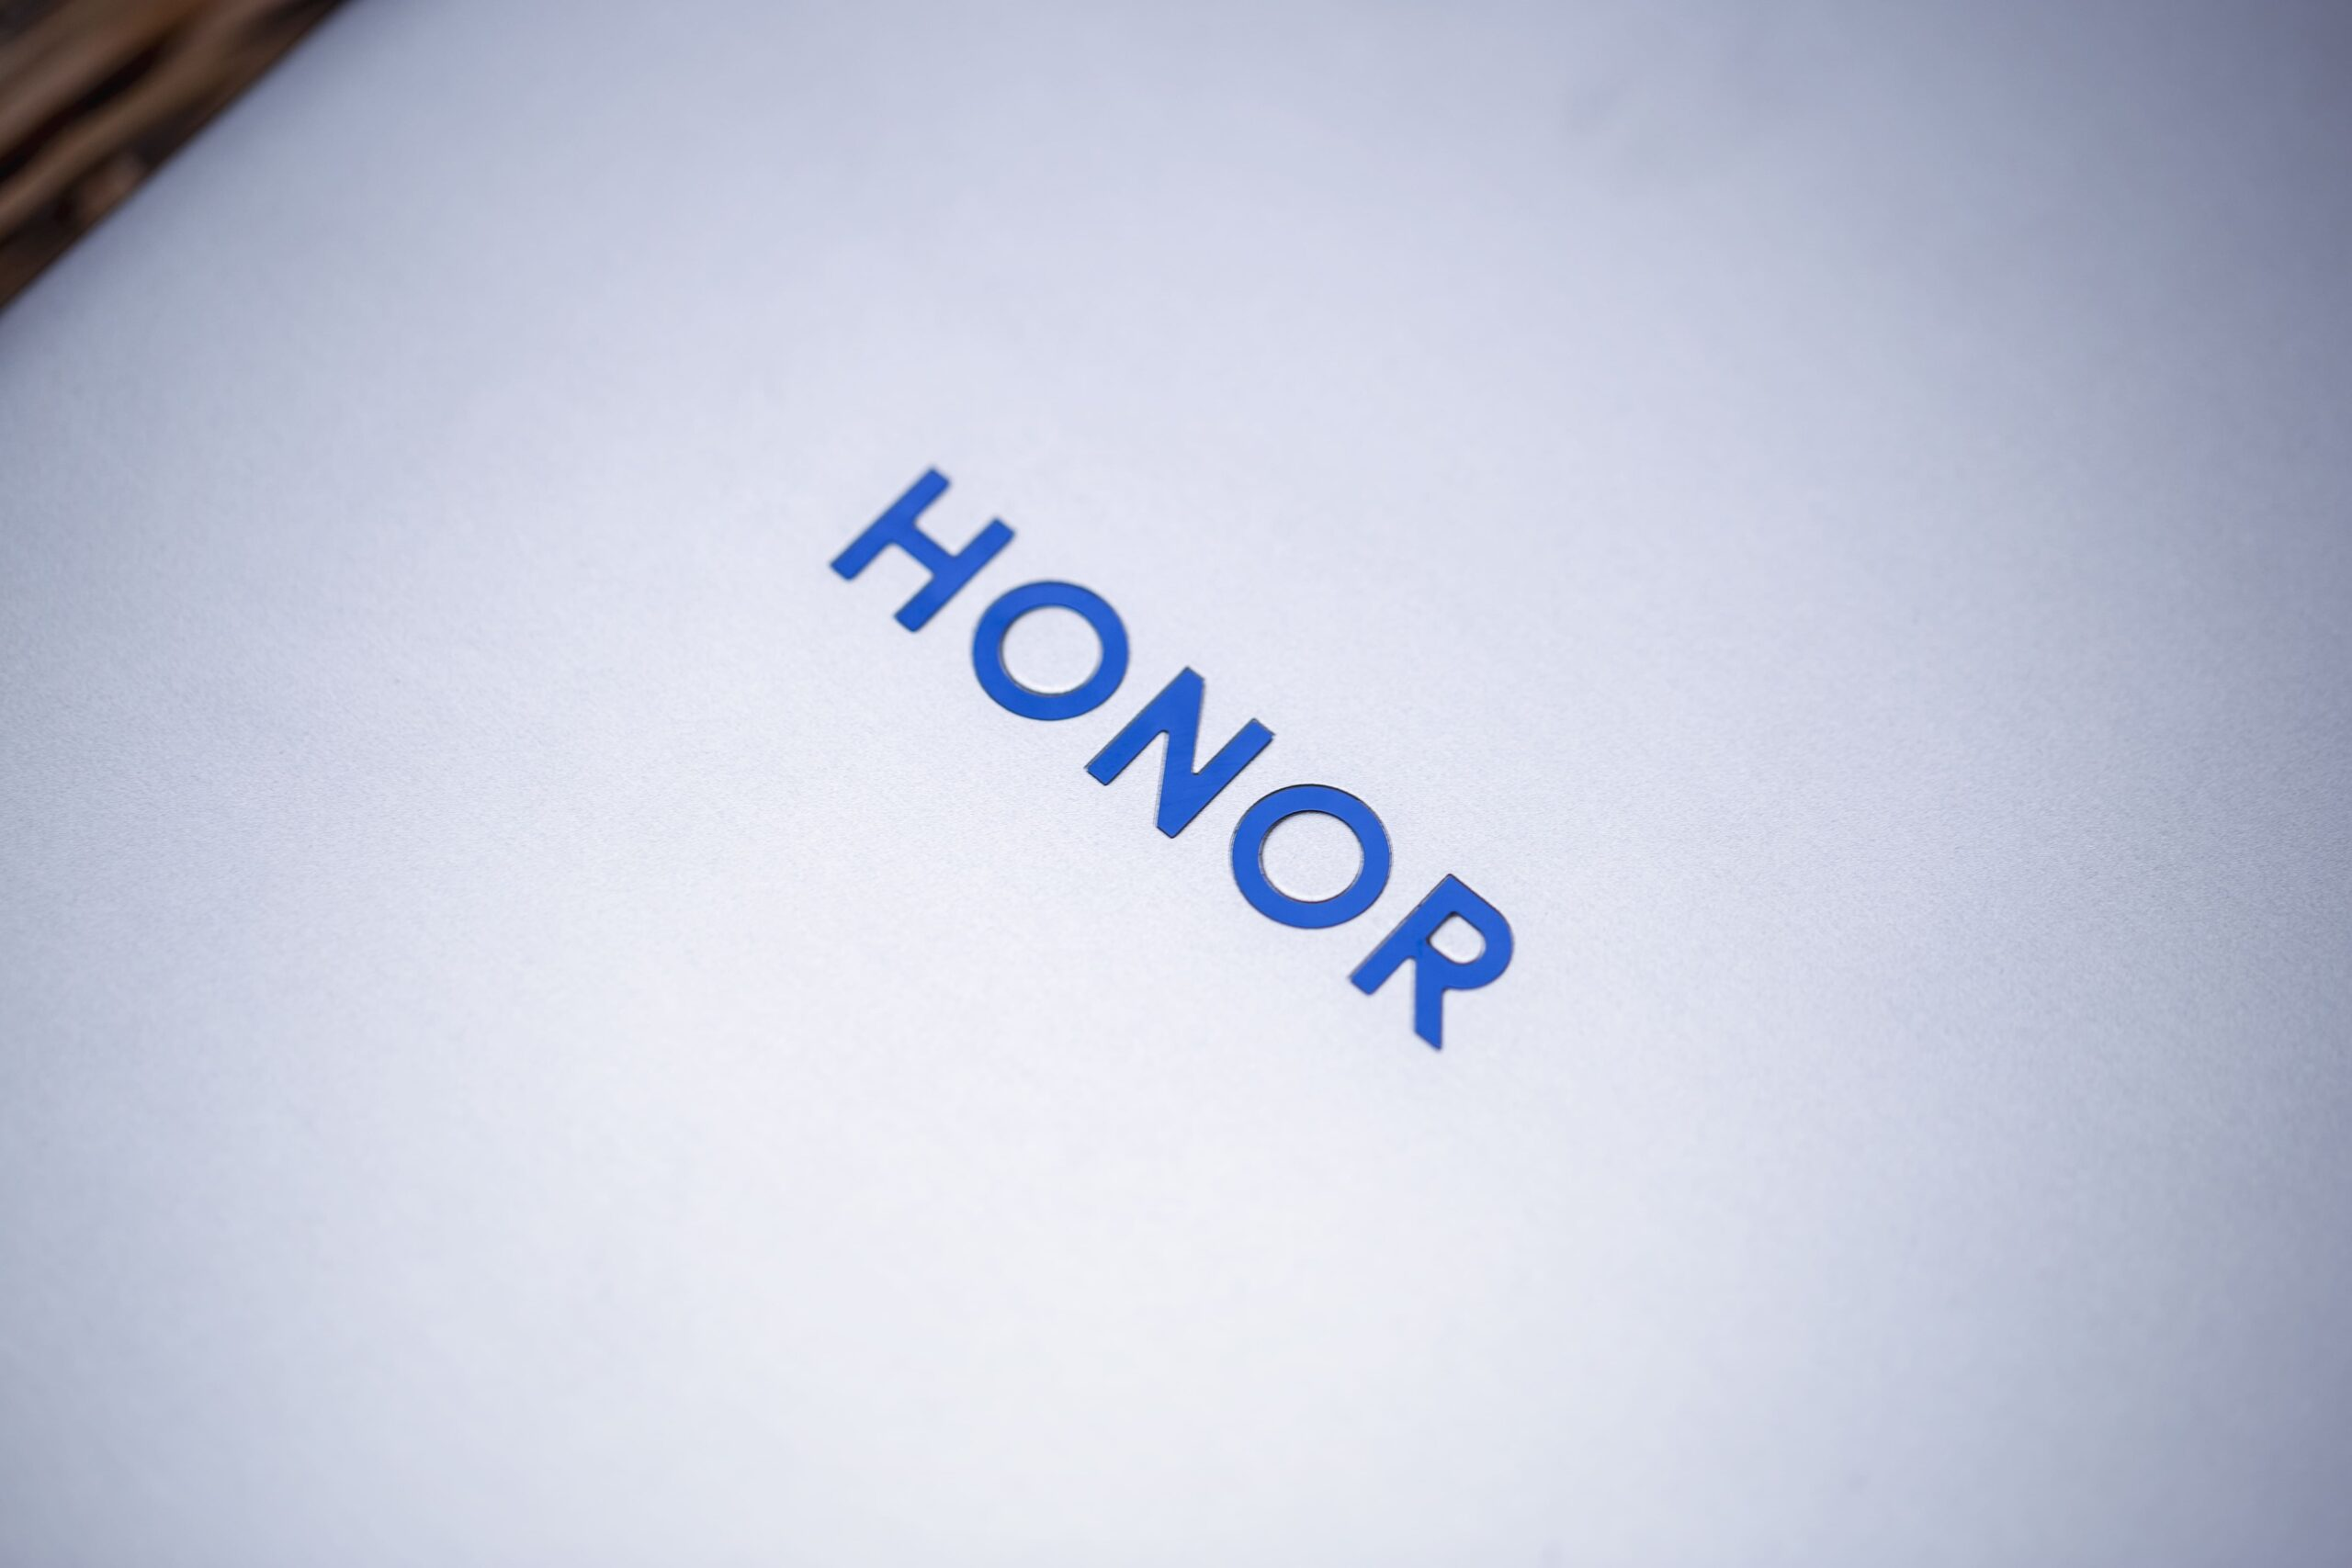 هواوي تبيع هونر إلى مجموعة شركات تابعة للحكومة الصينية